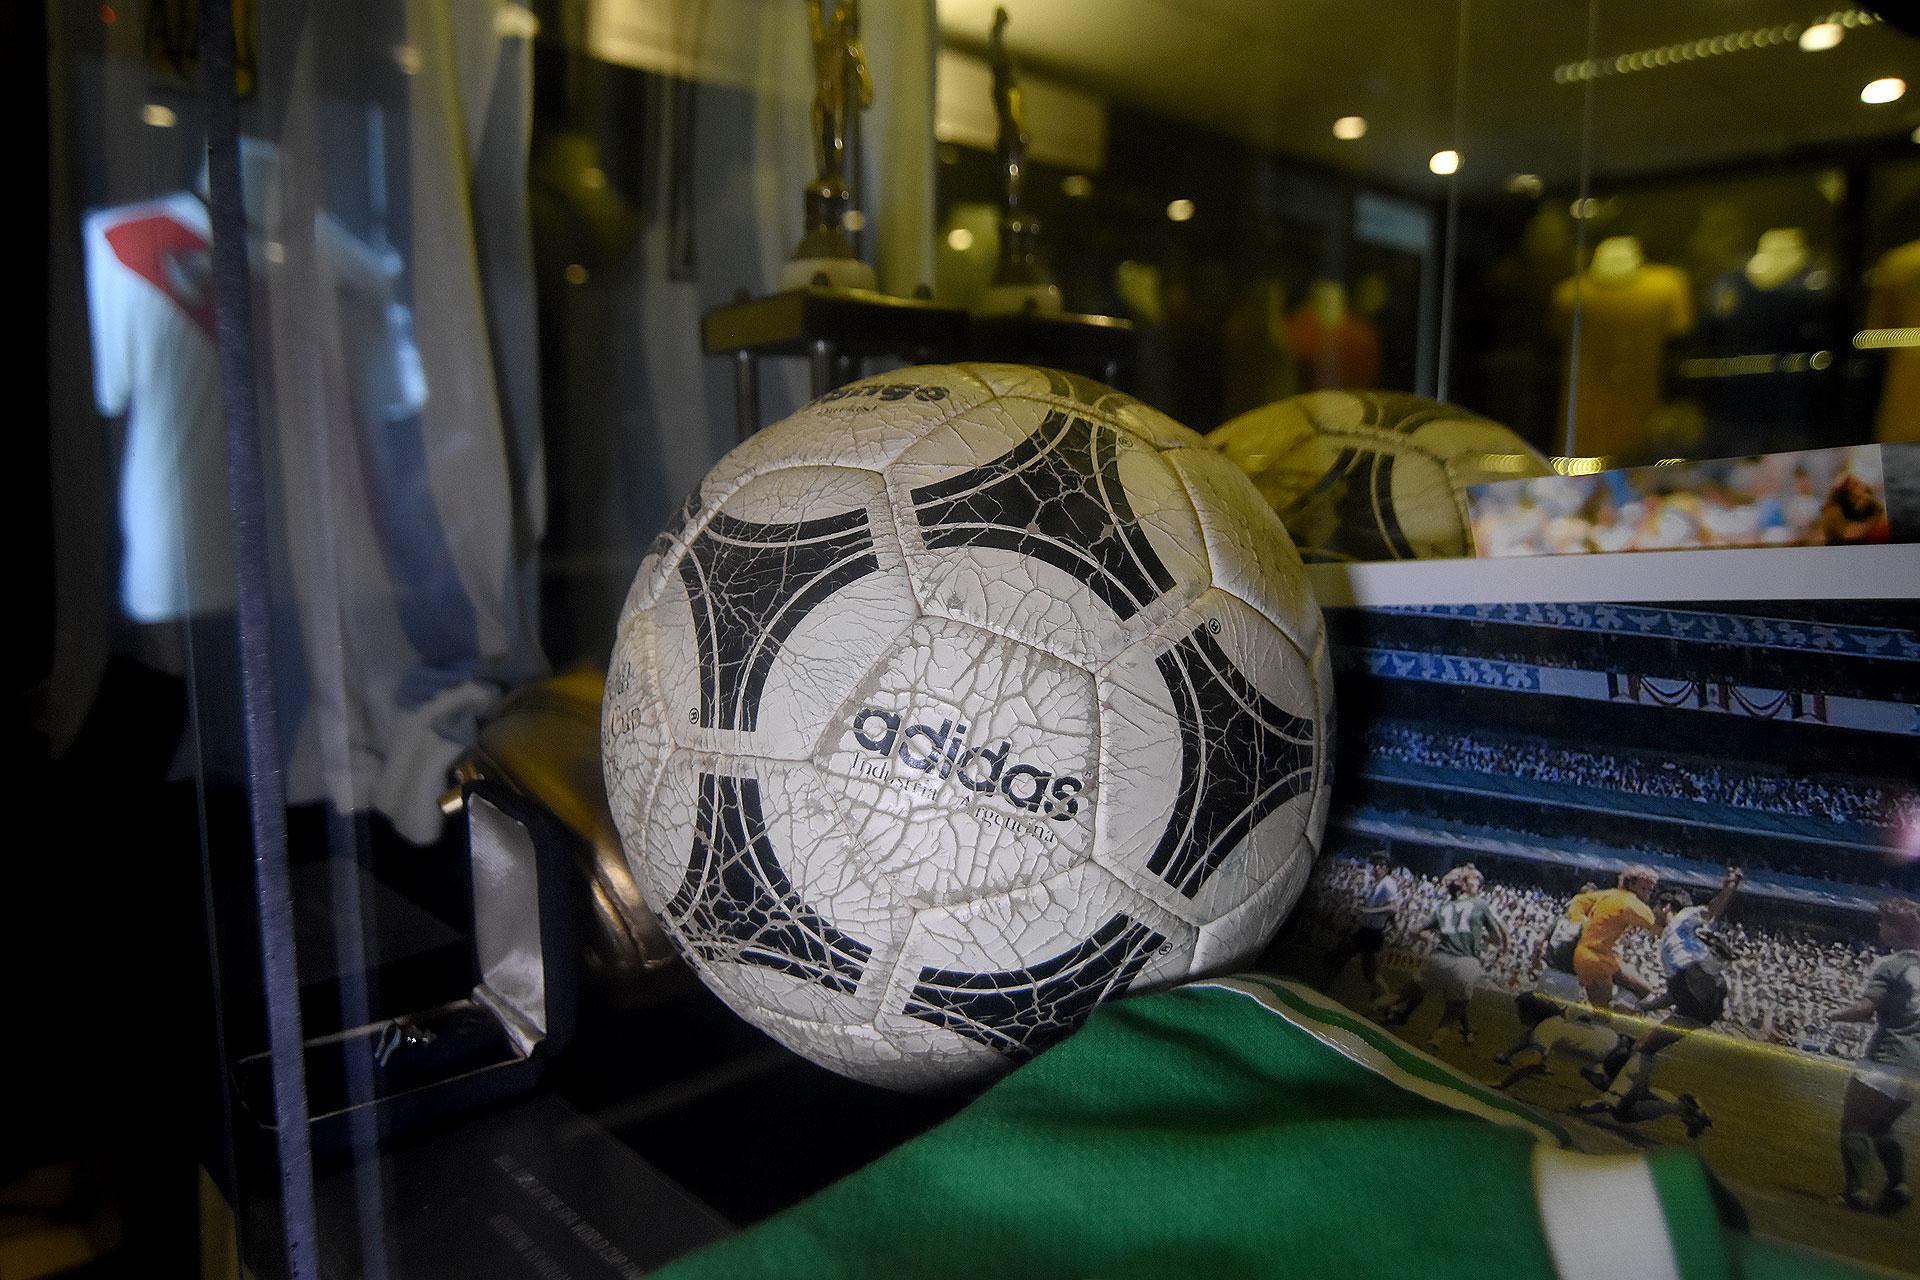 La pelota Tango marca Adidas que se usó en la Copa el Mundo Argentina 78 (Nicolas Stulberg)